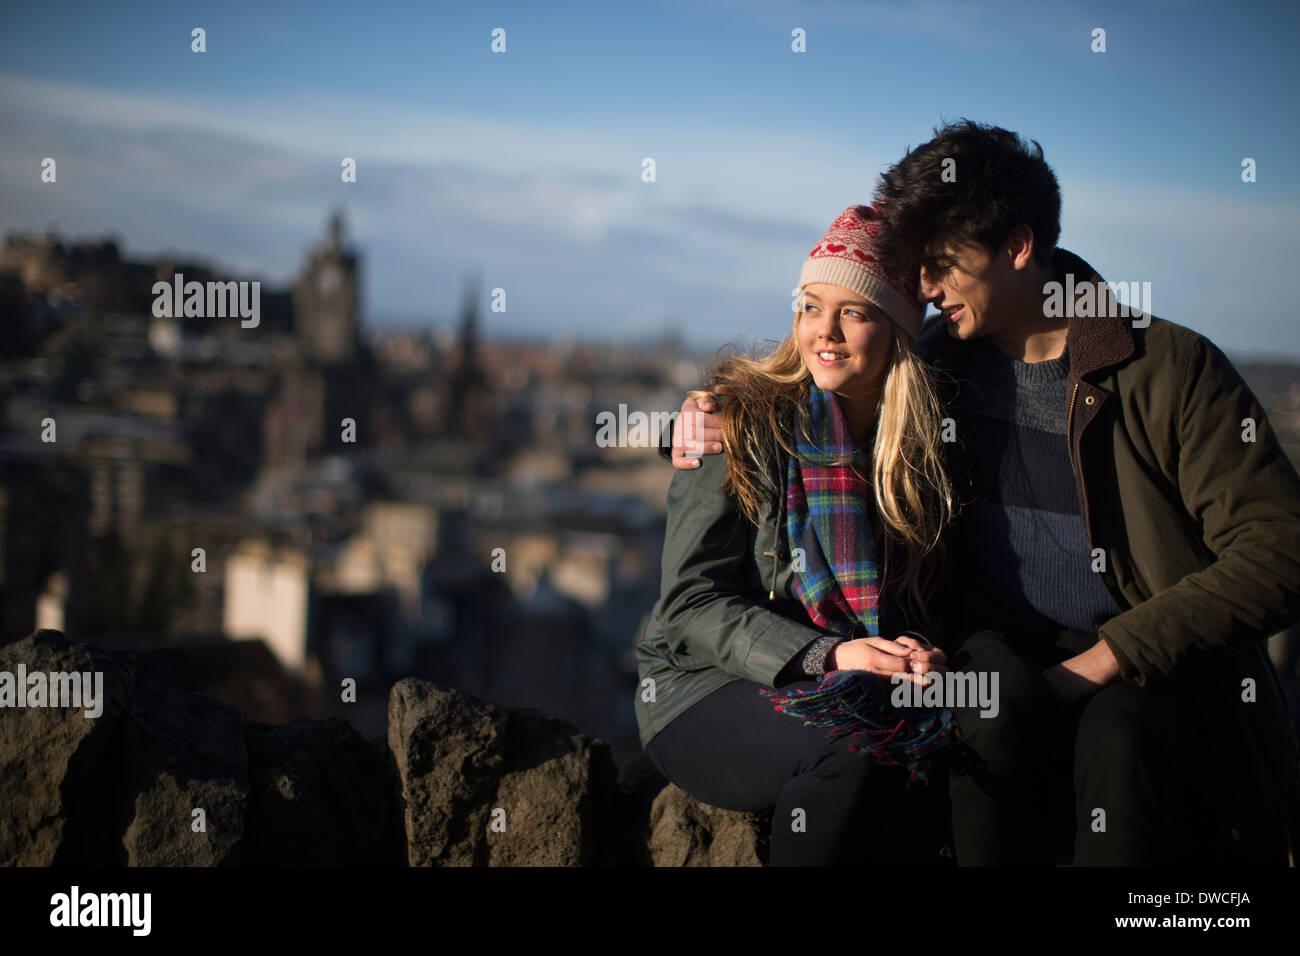 Ein junges Paar Umarmung auf Calton Hill mit dem Hintergrund von der Altstadt von Edinburgh, der Hauptstadt von Schottland Stockbild